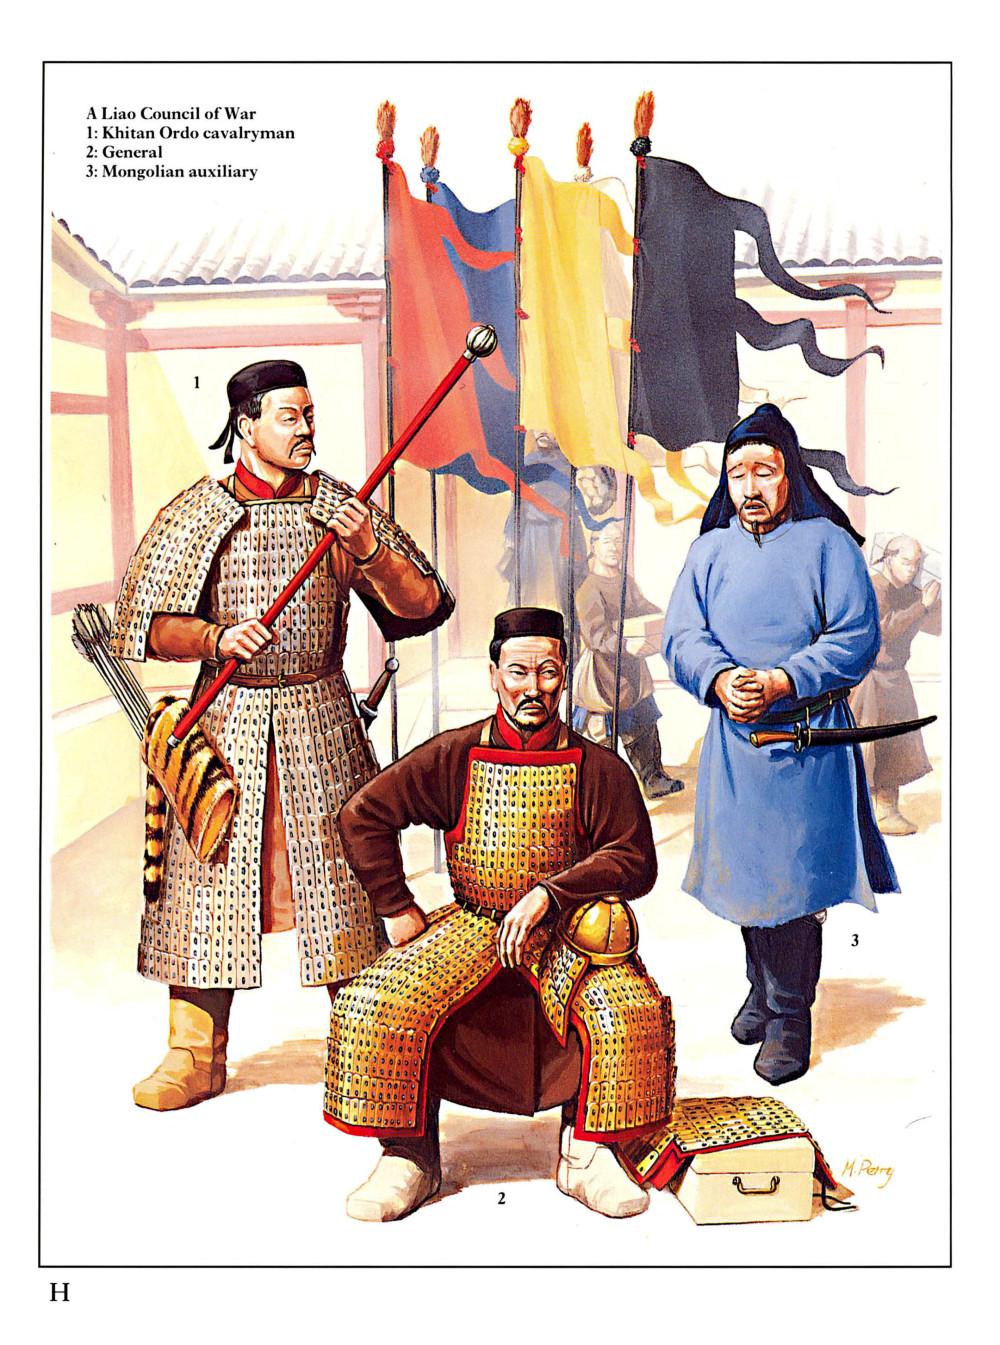 辽国骑兵(左),将军(中),蒙古辅助人员(右)